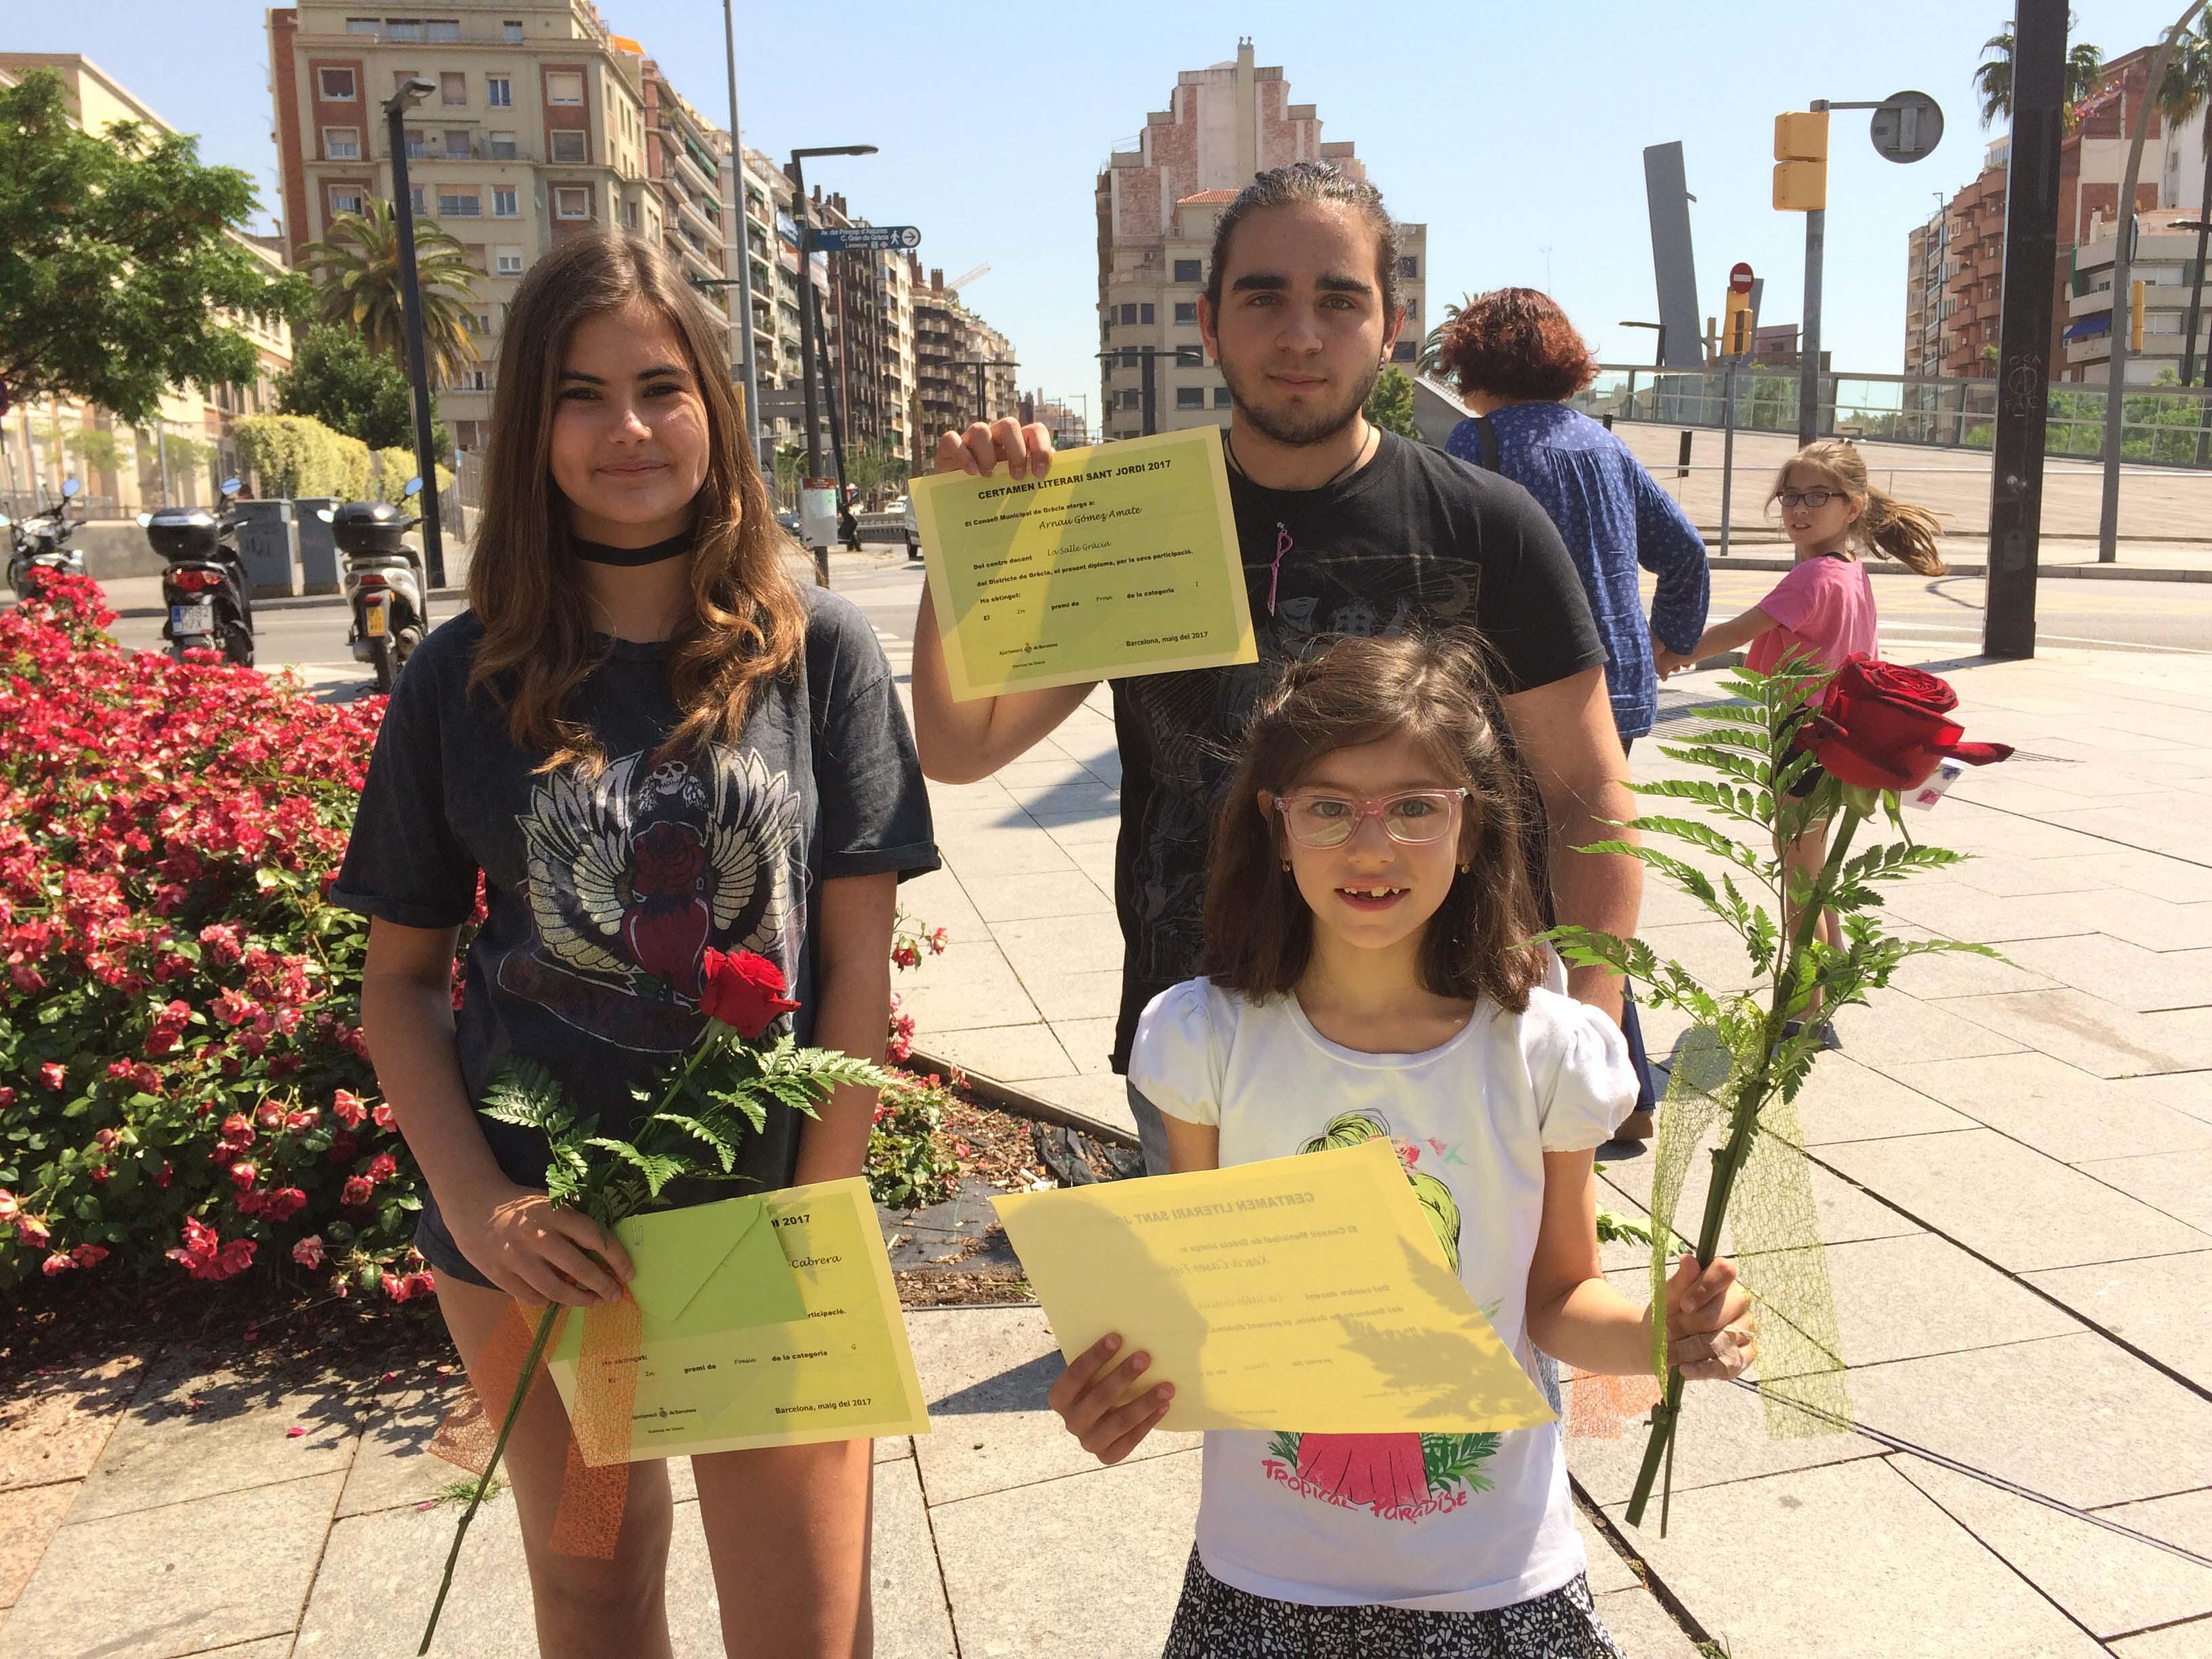 Alumnes de l'escola, guardonats en els Jocs Florals Escolars del Districte de Gràcia